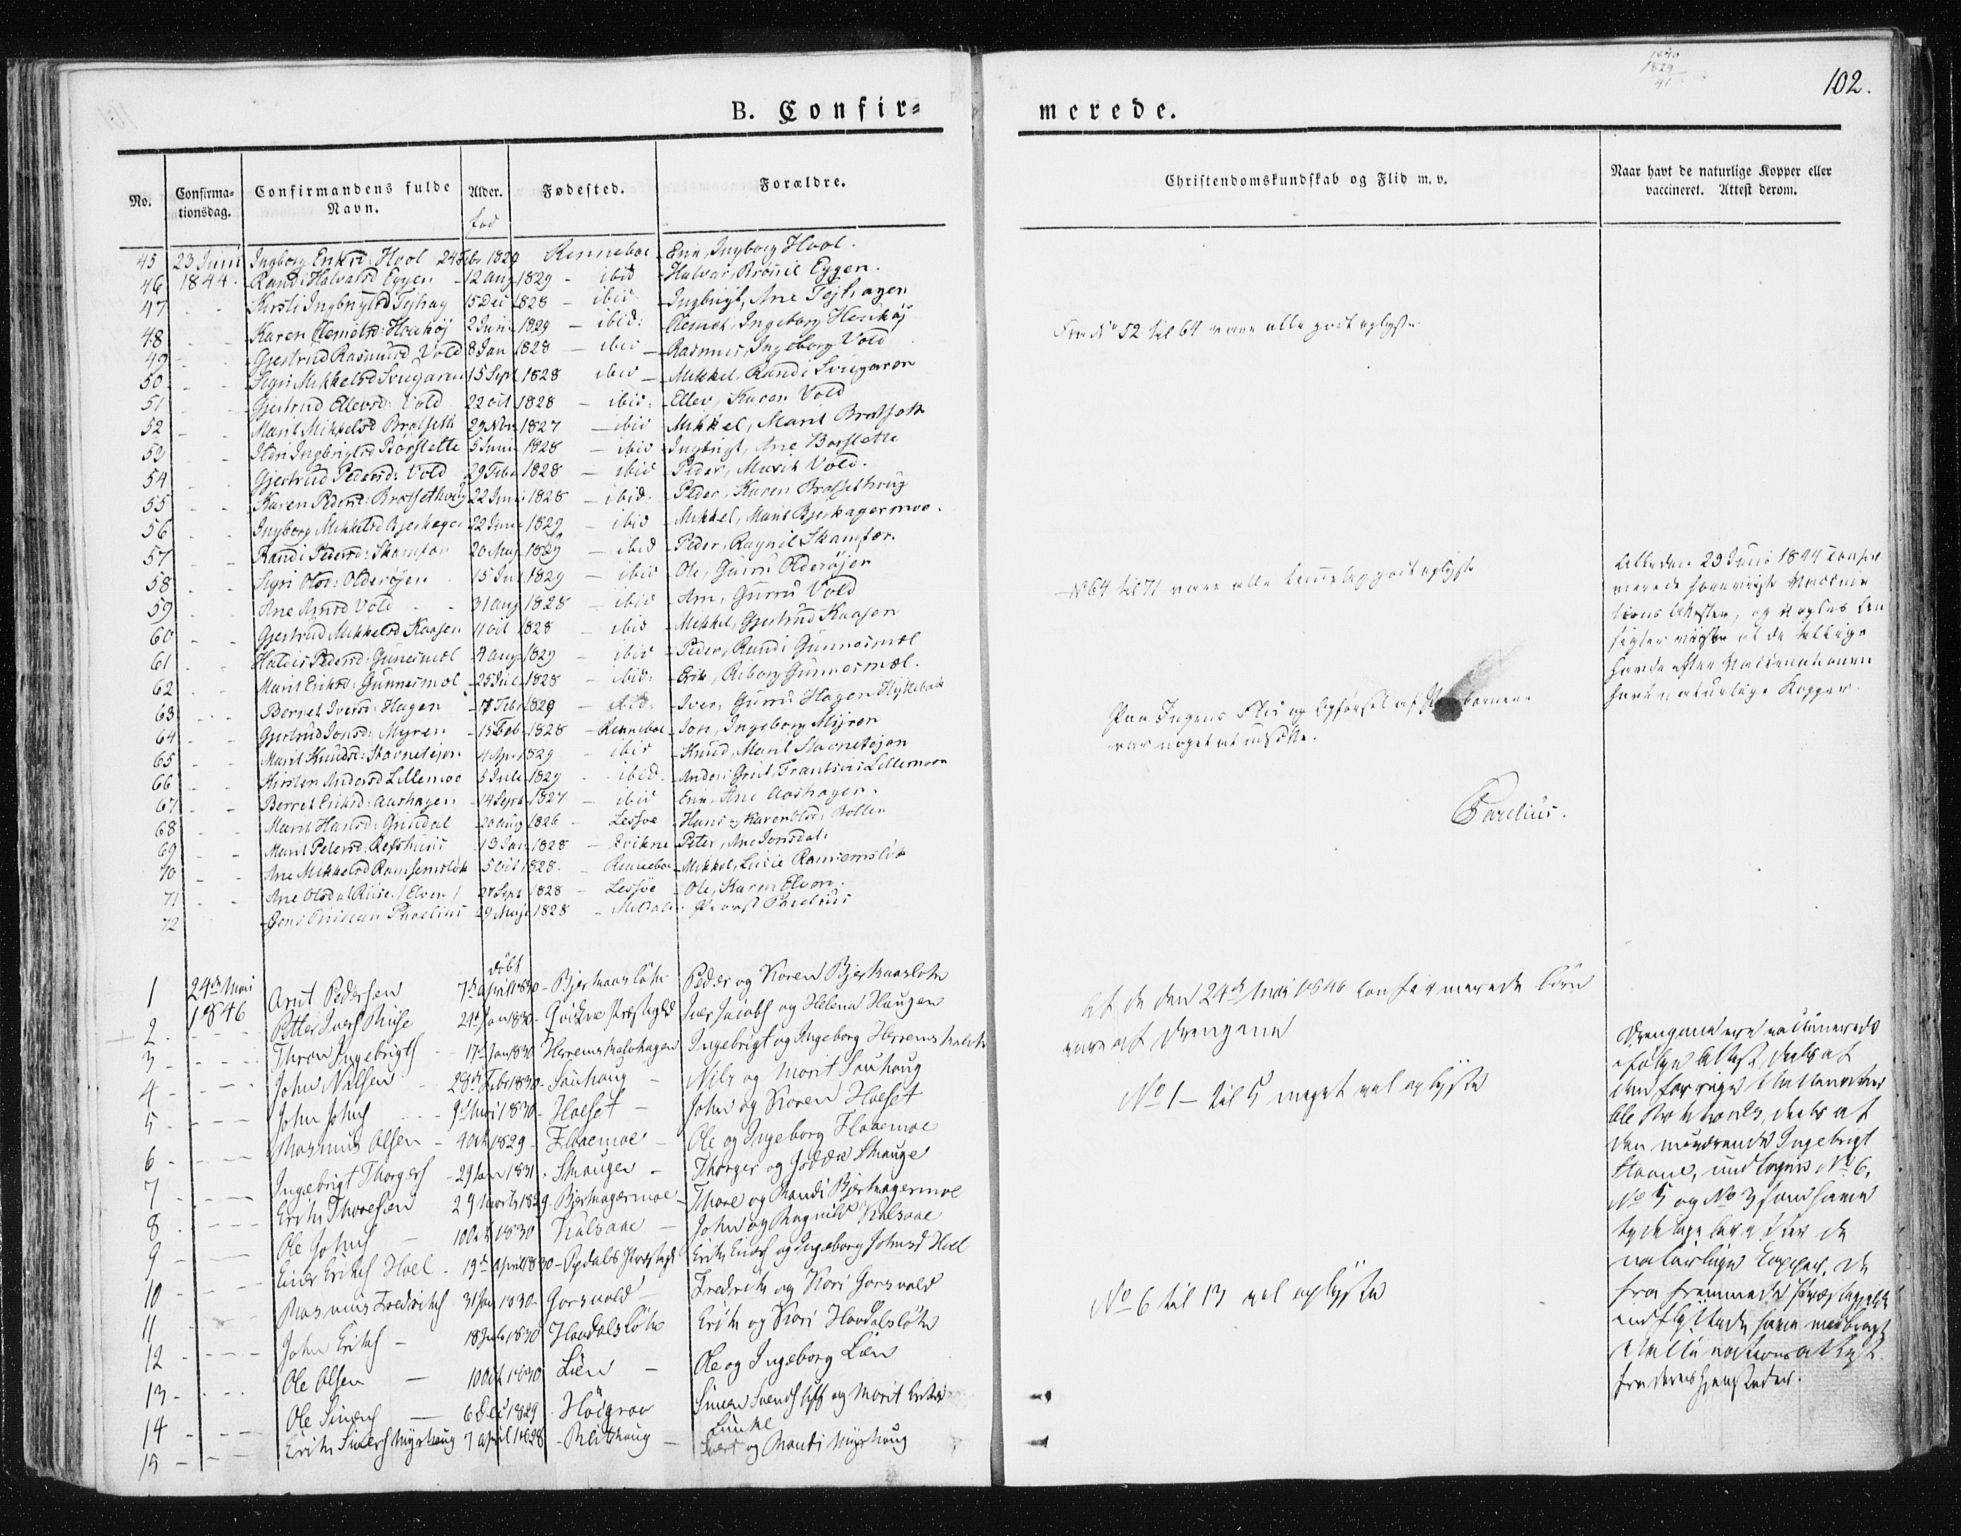 SAT, Ministerialprotokoller, klokkerbøker og fødselsregistre - Sør-Trøndelag, 674/L0869: Ministerialbok nr. 674A01, 1829-1860, s. 102